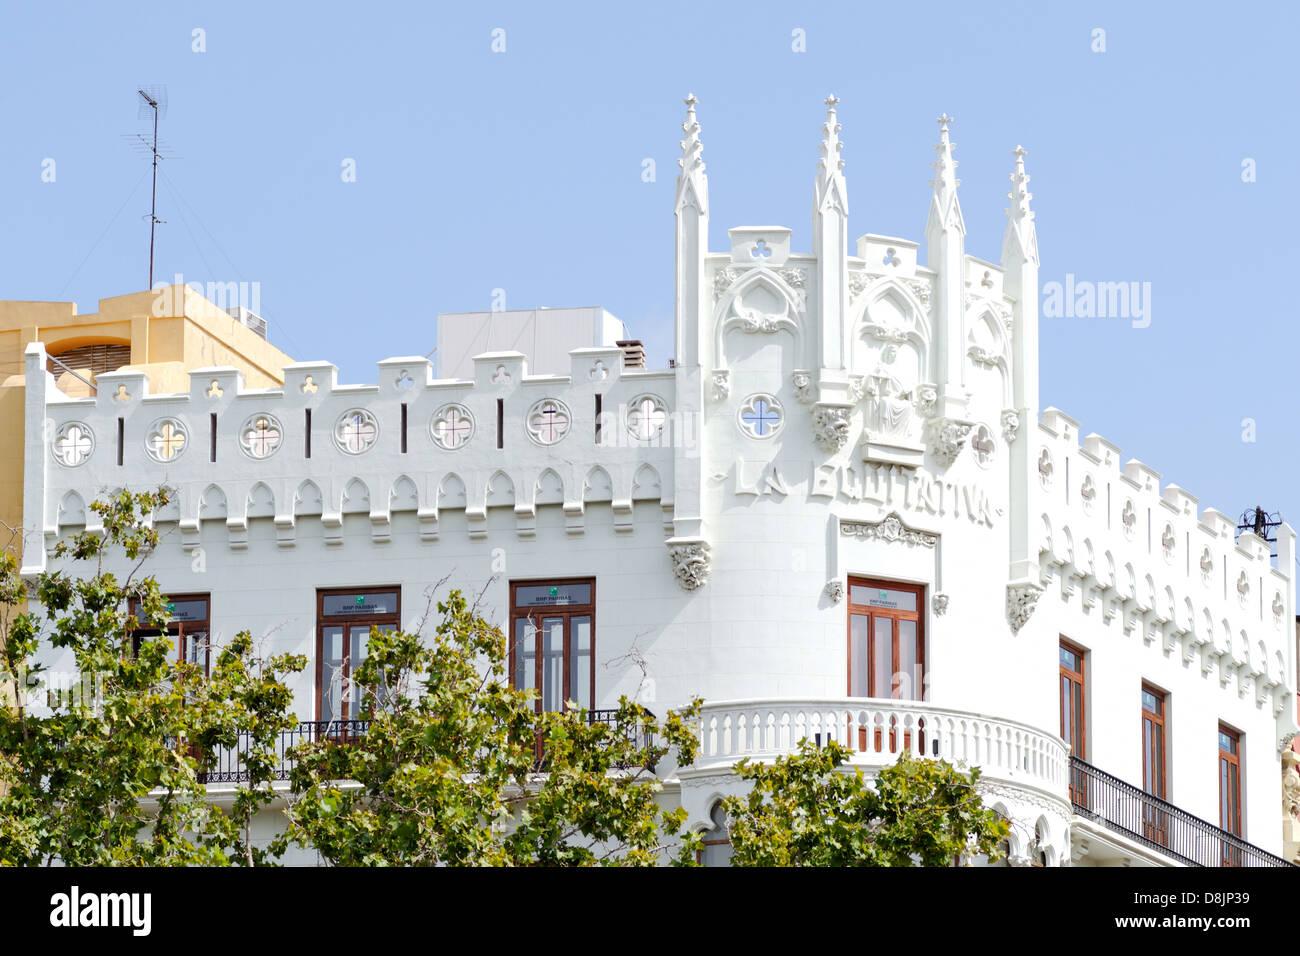 Architecture, historic facades, Valencia, Spain - Stock Image